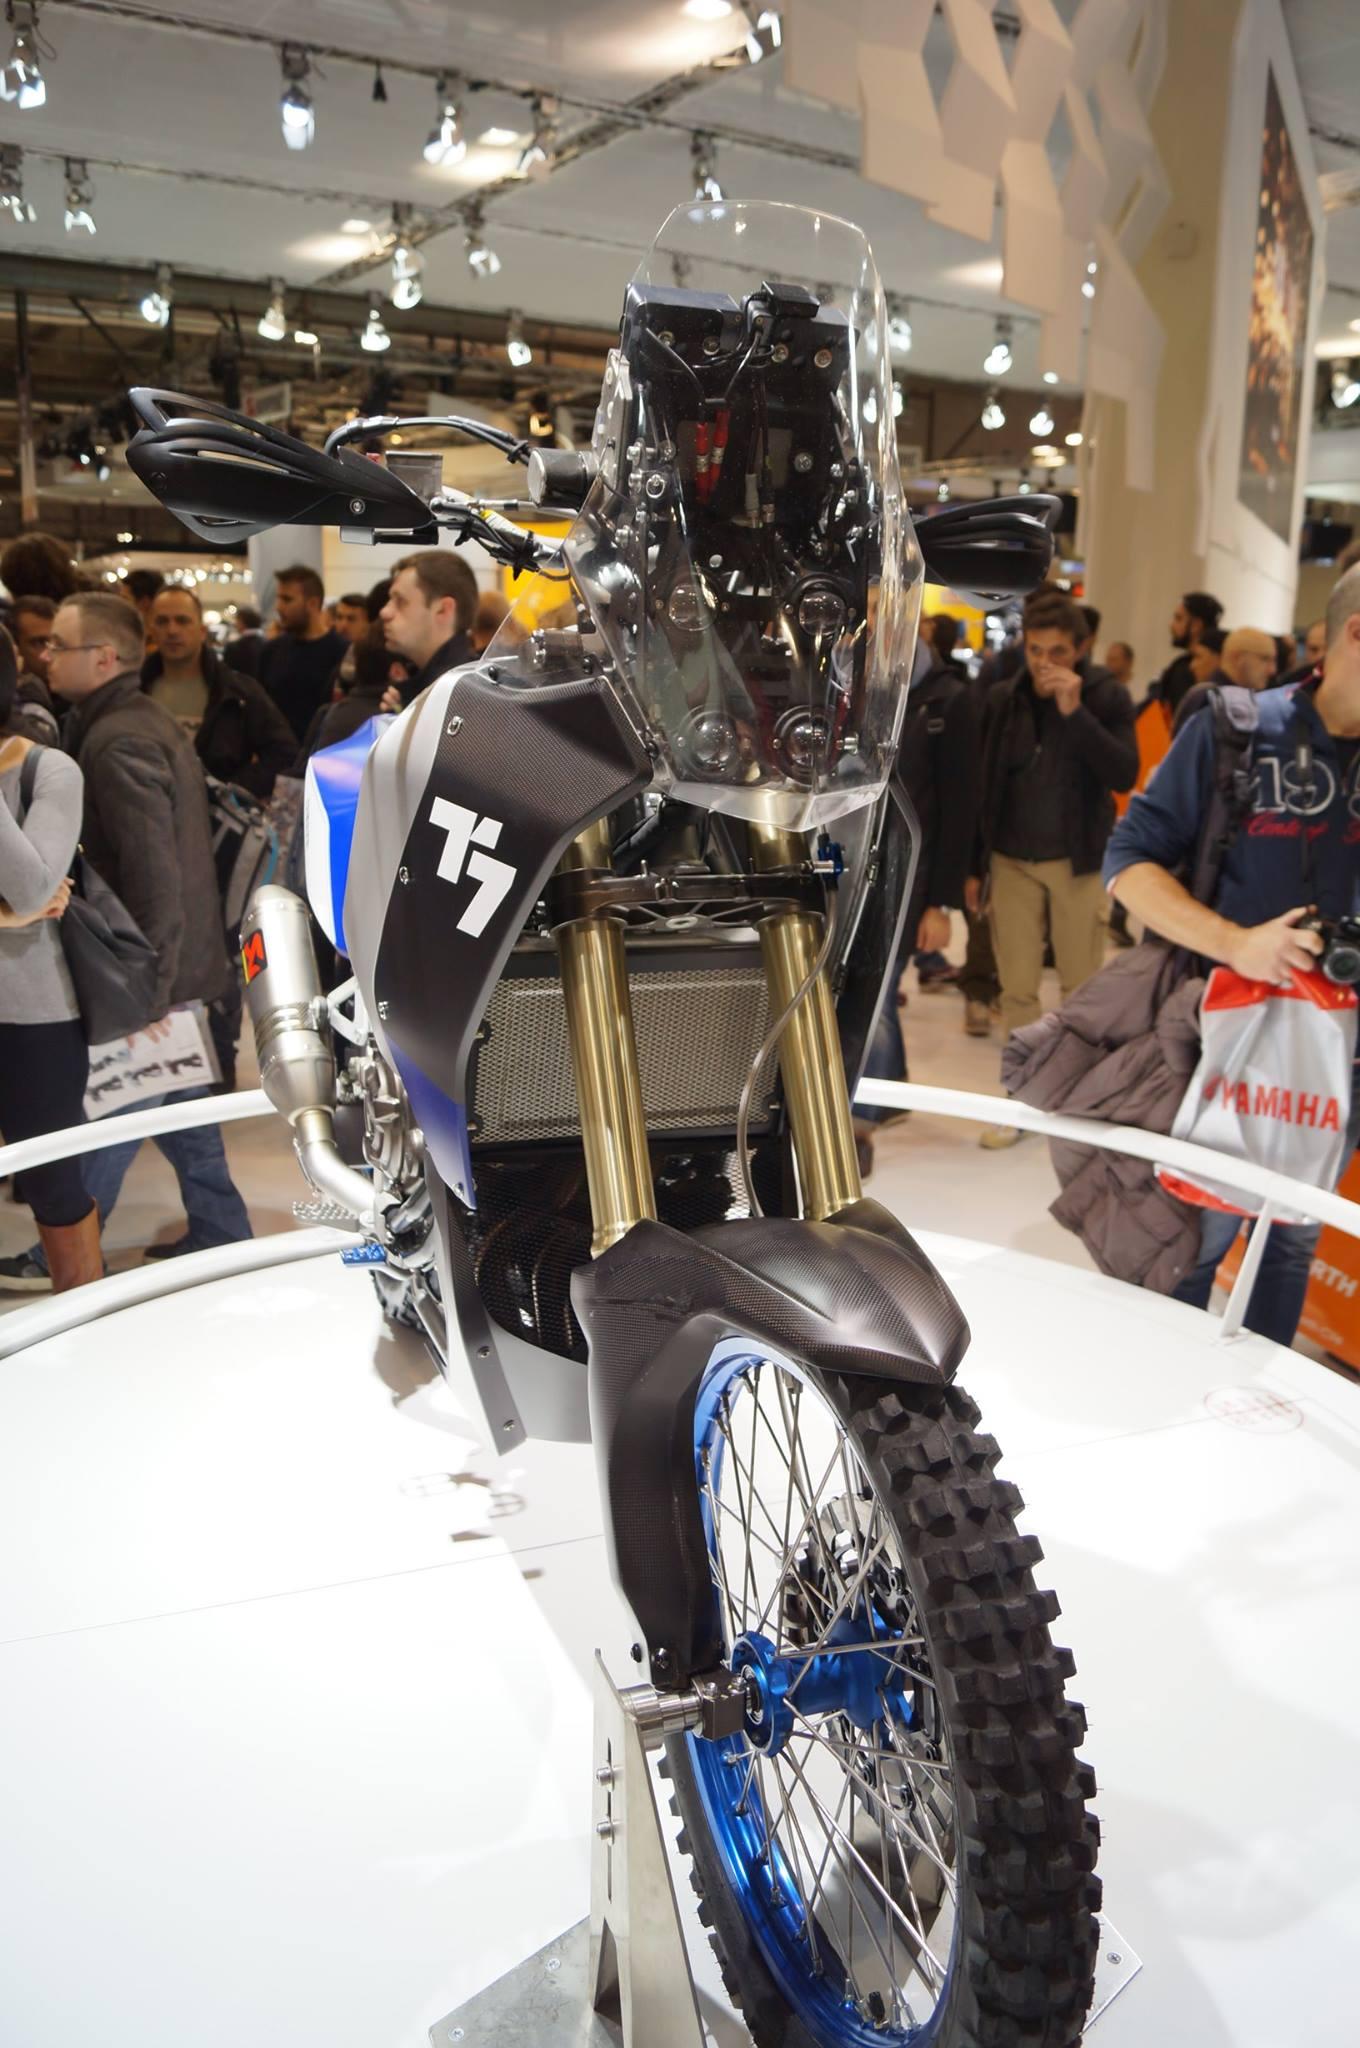 t7_yamaha_motocyklicznie